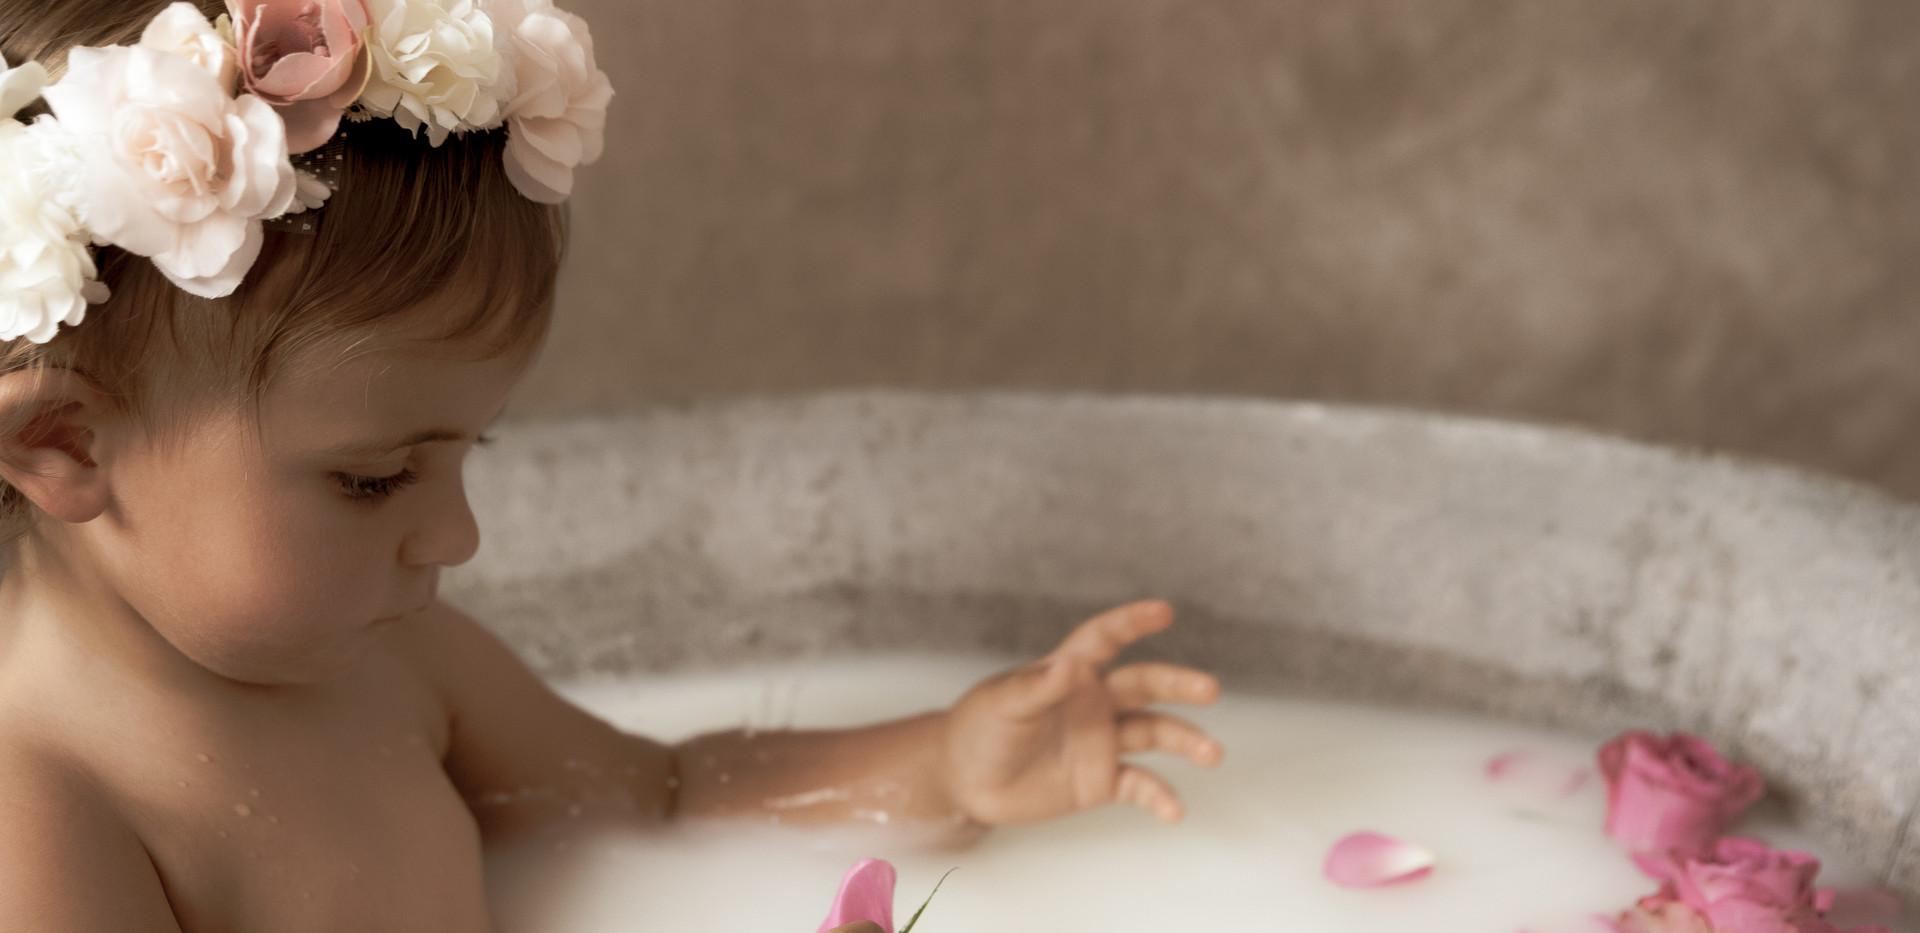 bain de lait bébé photographe marseille